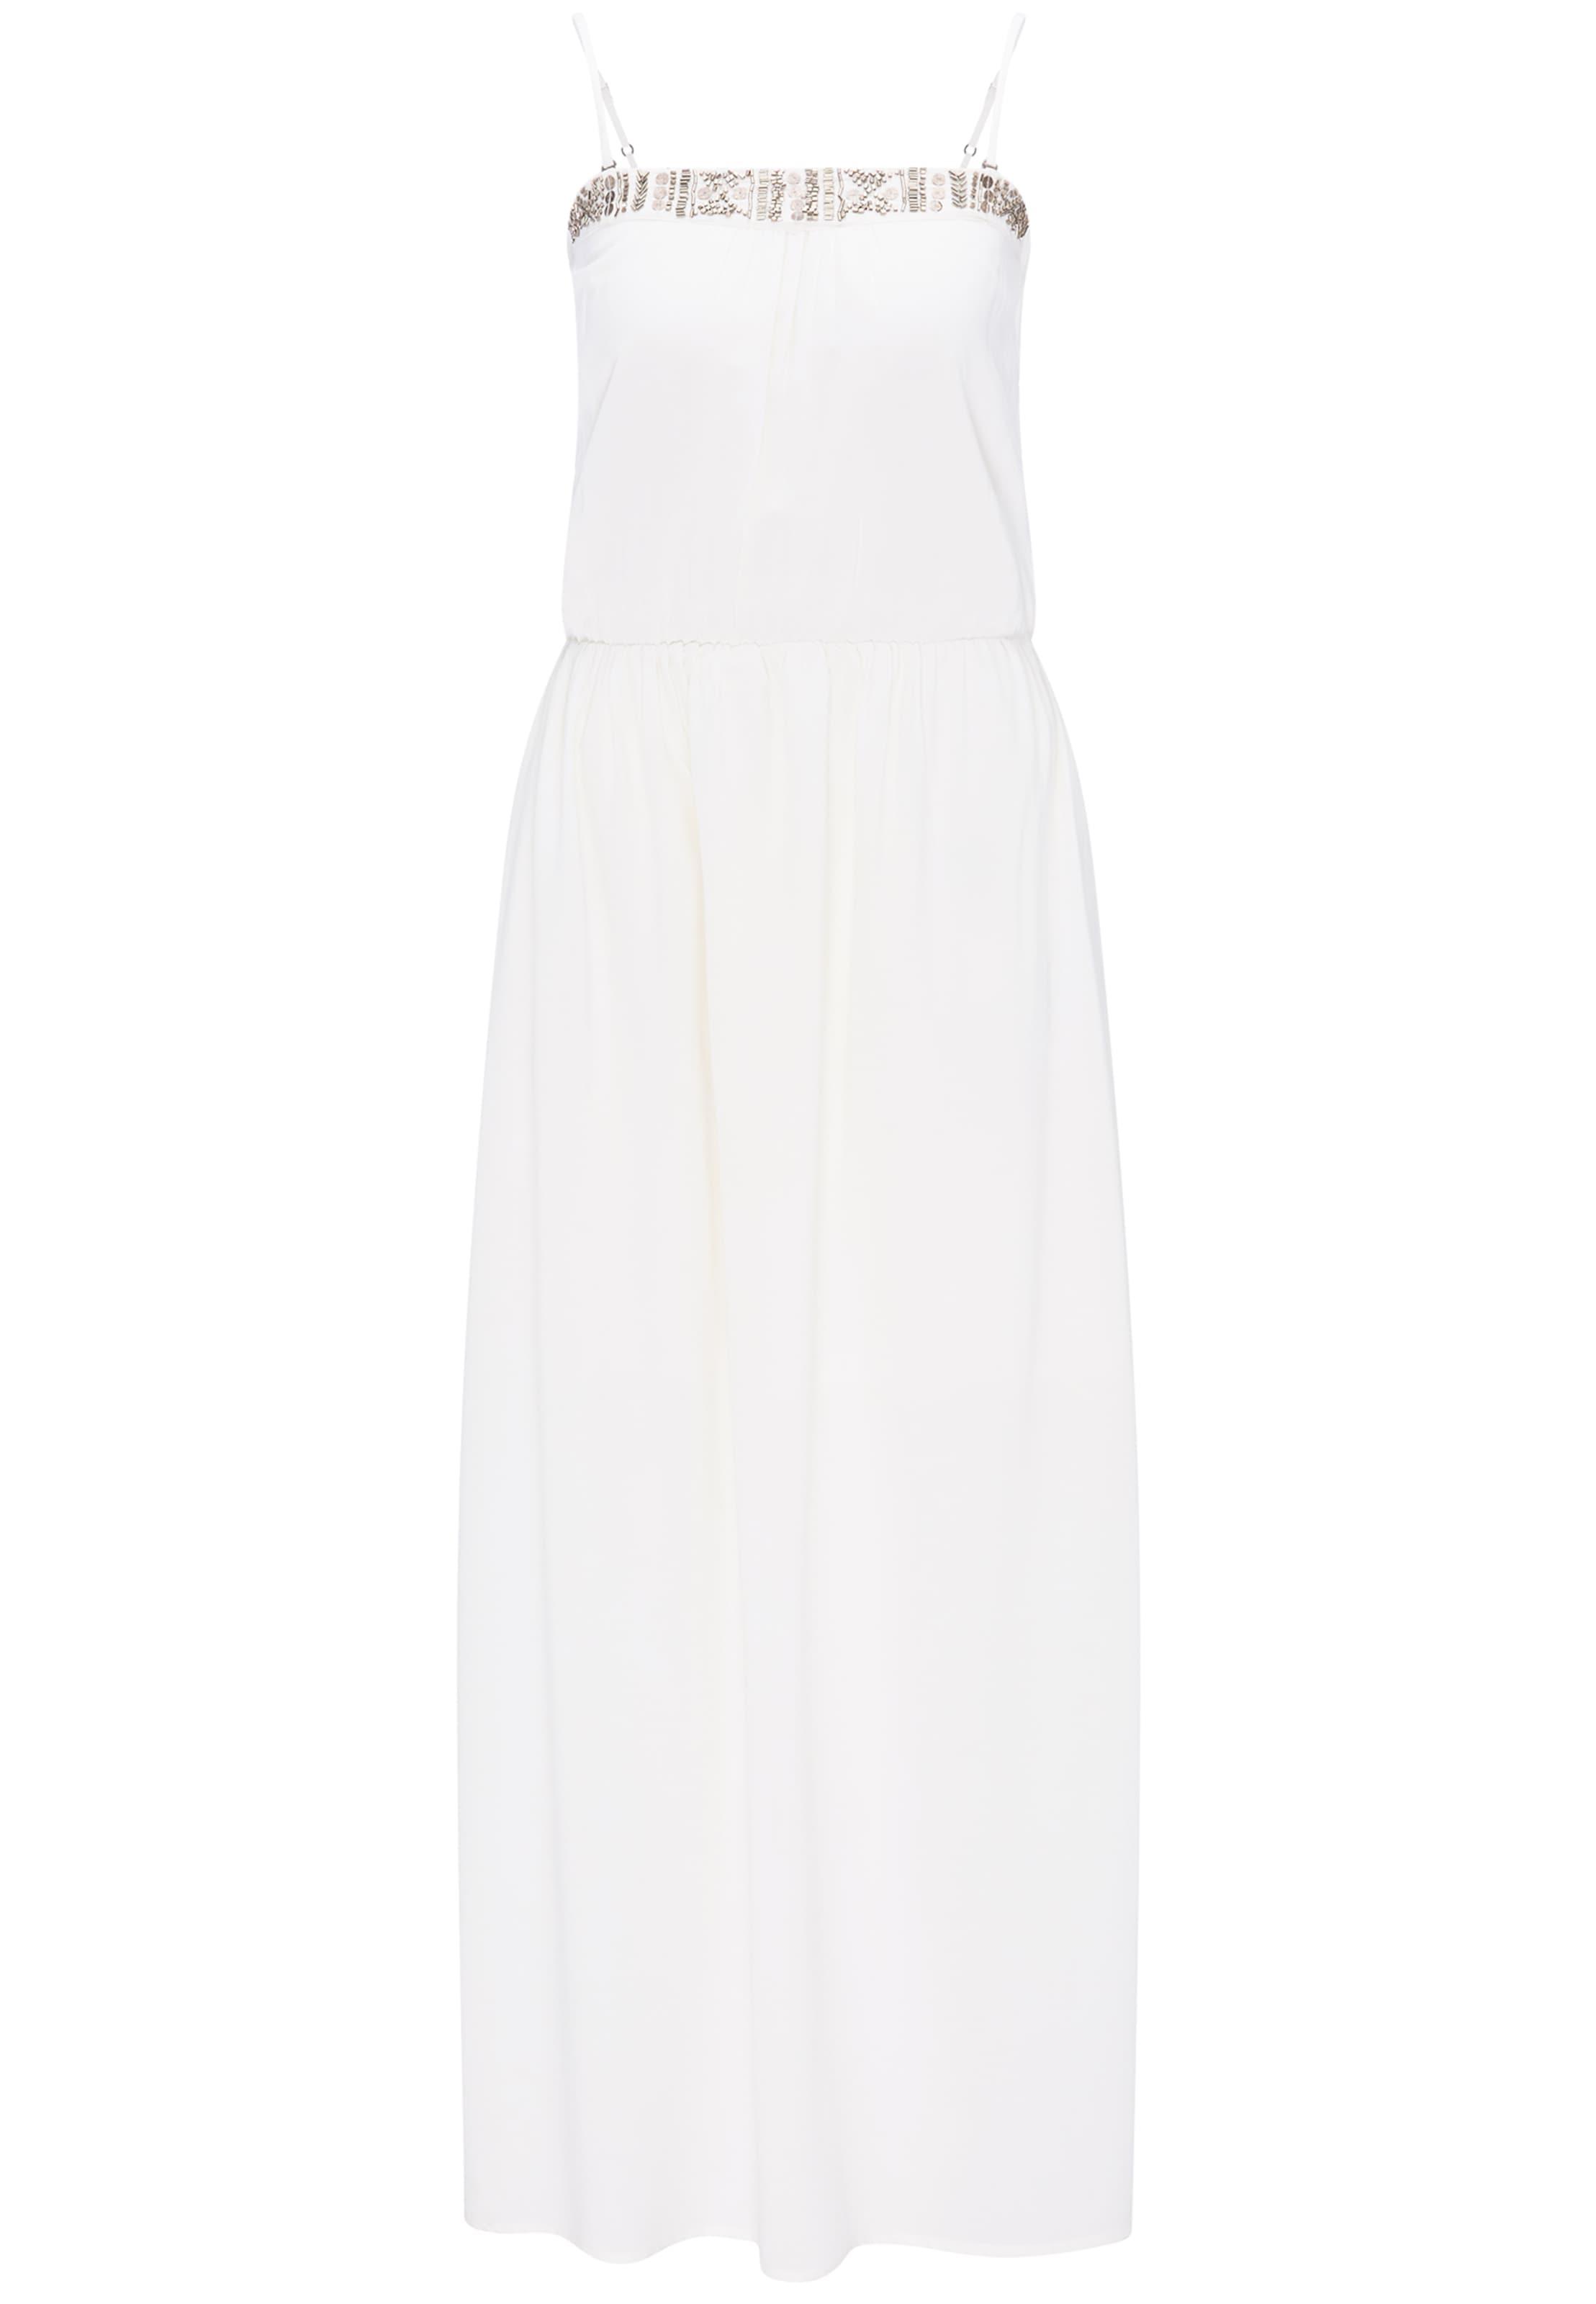 GoldWeiß Dreimaster Kleid Kleid Dreimaster In bfvIYgy67